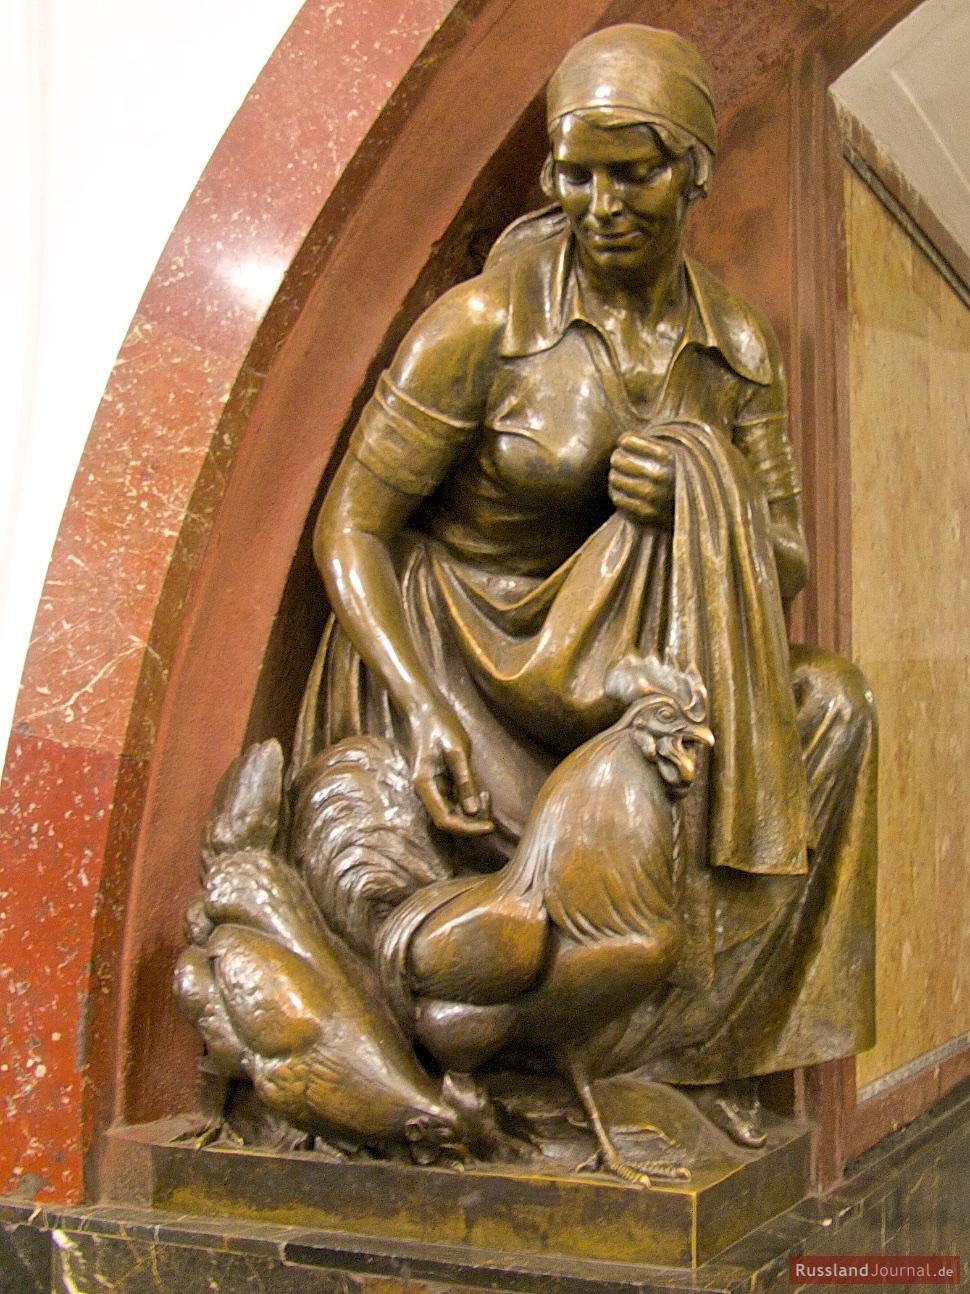 Skulptur Frau mit Hahn in der Station Ploshchad Revolyutsii der Moskauer Metro